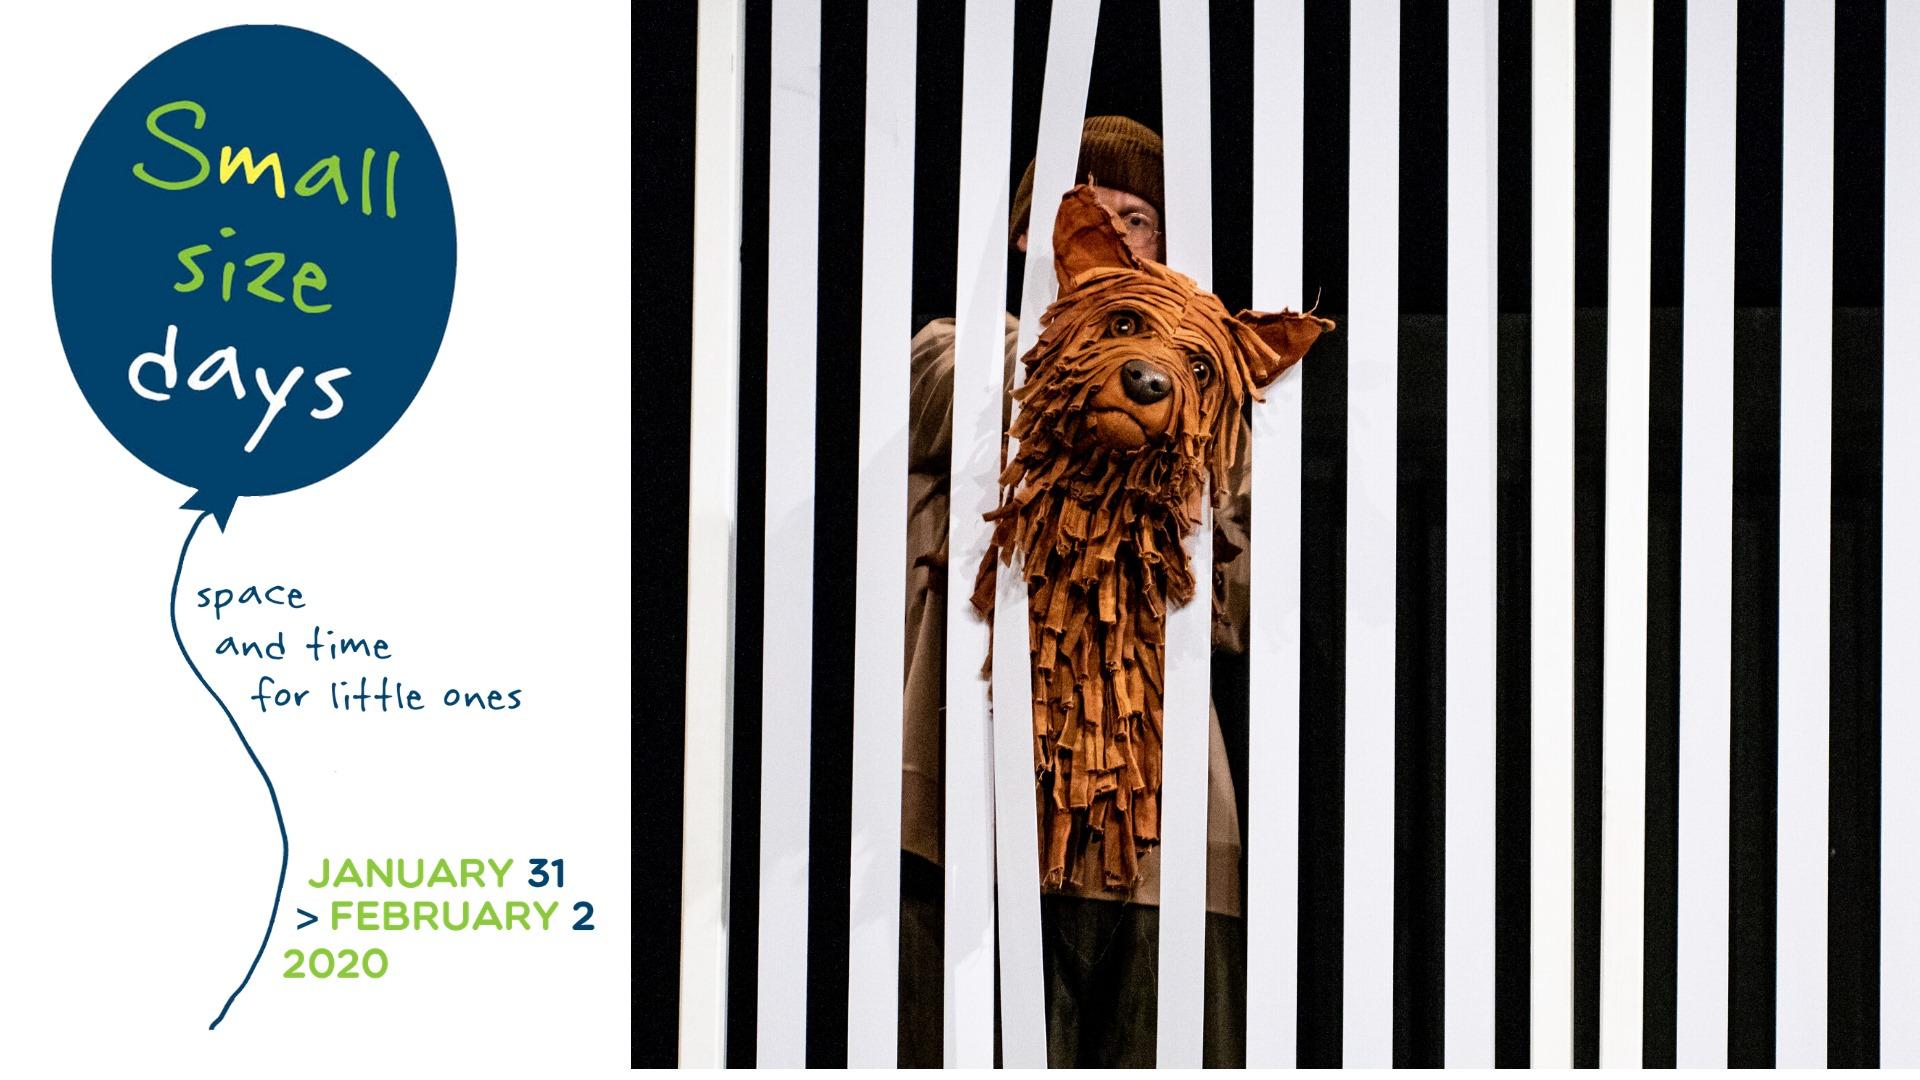 Small Size Days - międzynarodowe święto sztuki dla dzieci najnajmłodszych